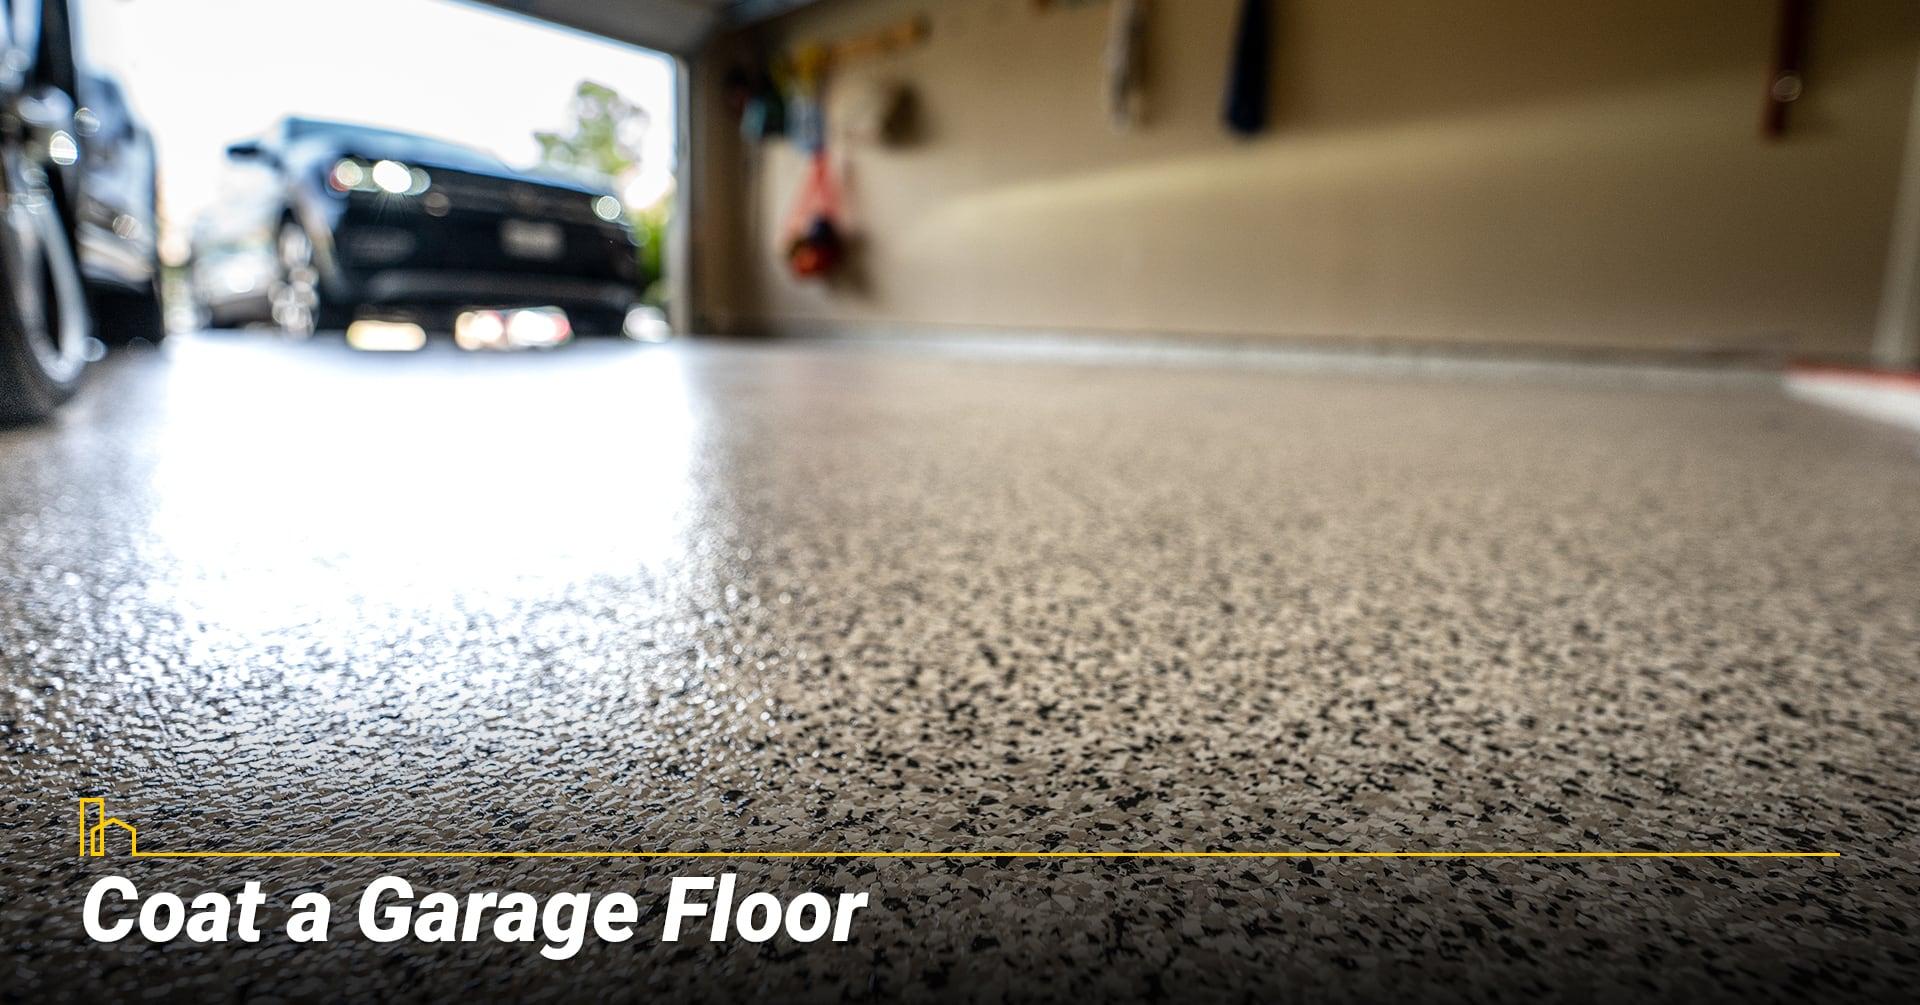 Coat a Garage Floor, resurface garage floor